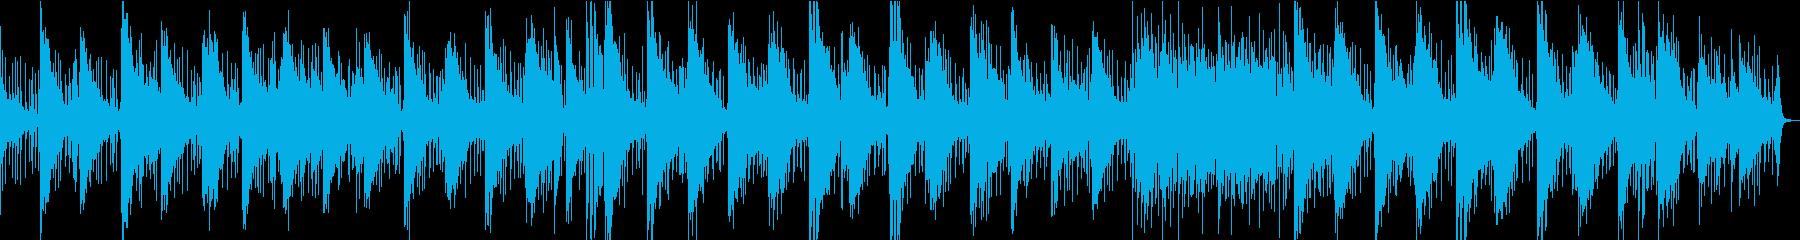 AIによるリマスターバージョンの再生済みの波形